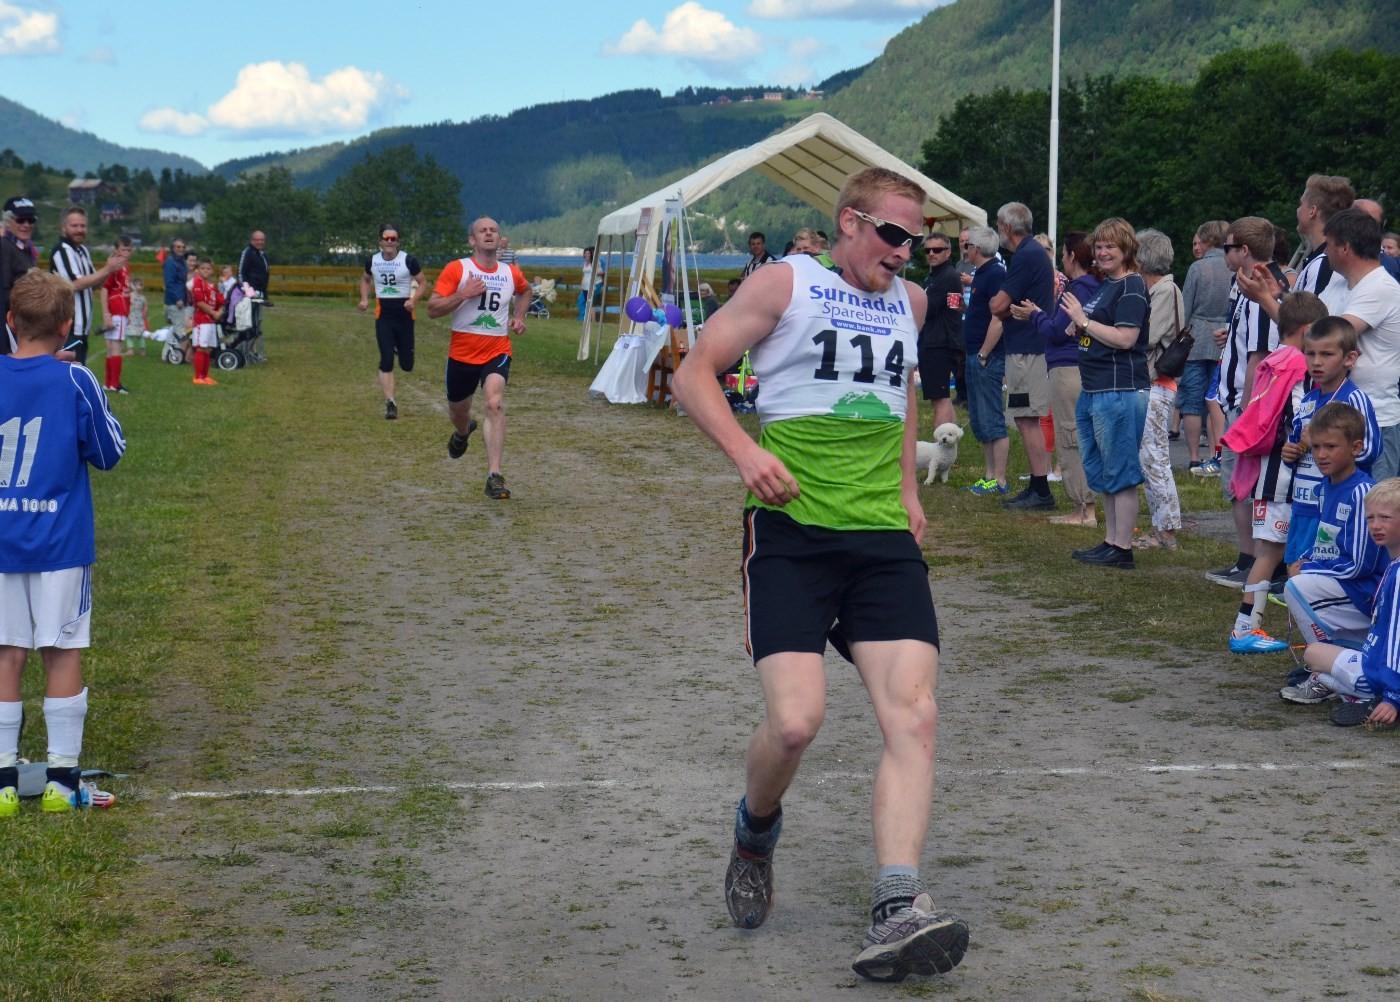 Håvard Gjeldnes var sterkast i innspurten - 11.59.73 vart tida.  foto: Jon Olav Ørsal